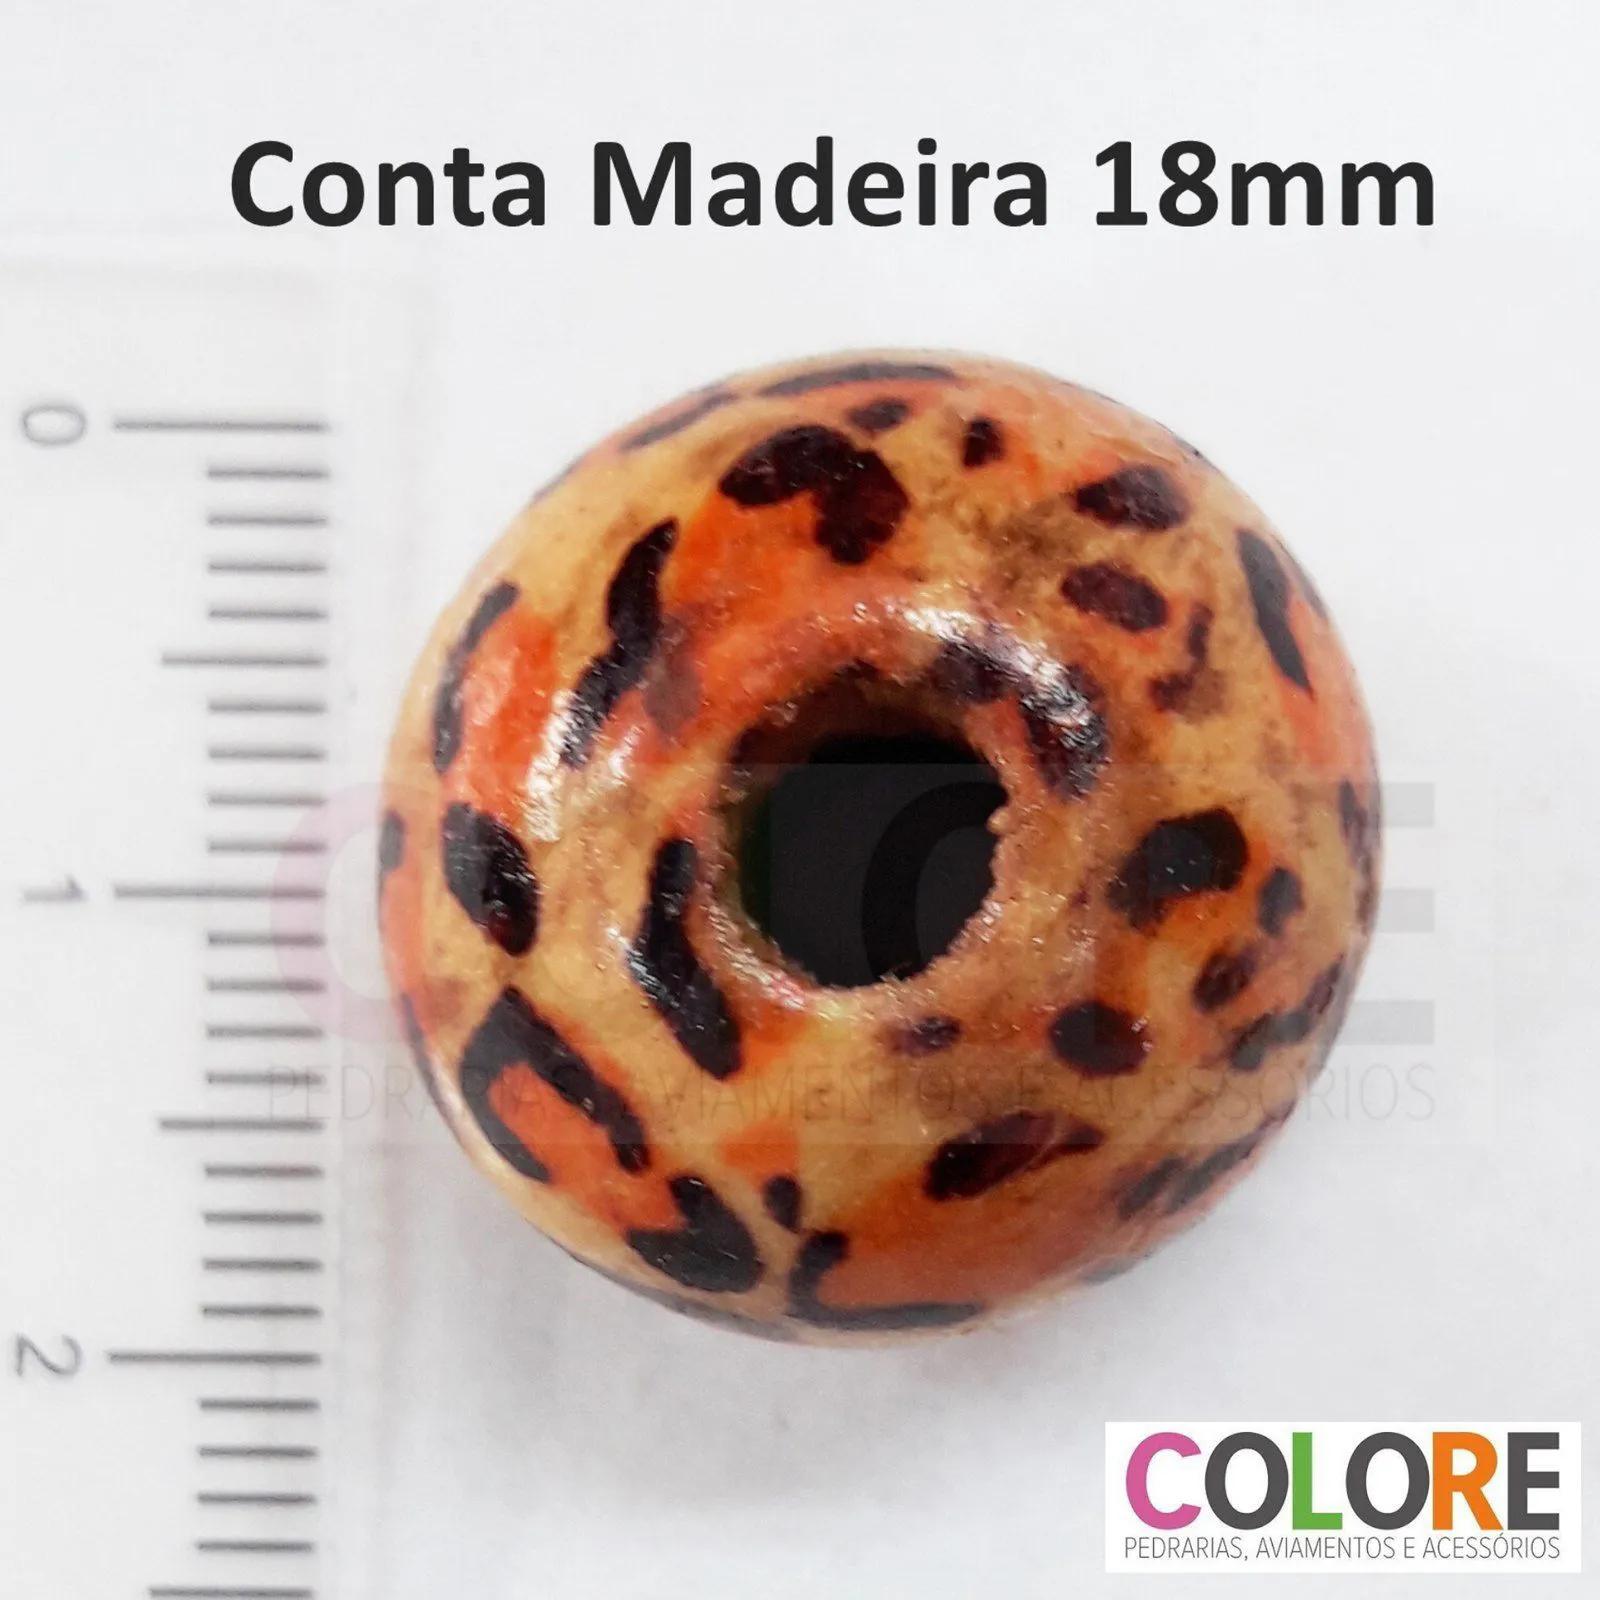 Conta de Madeira Onça 18mm  C/200 unidades